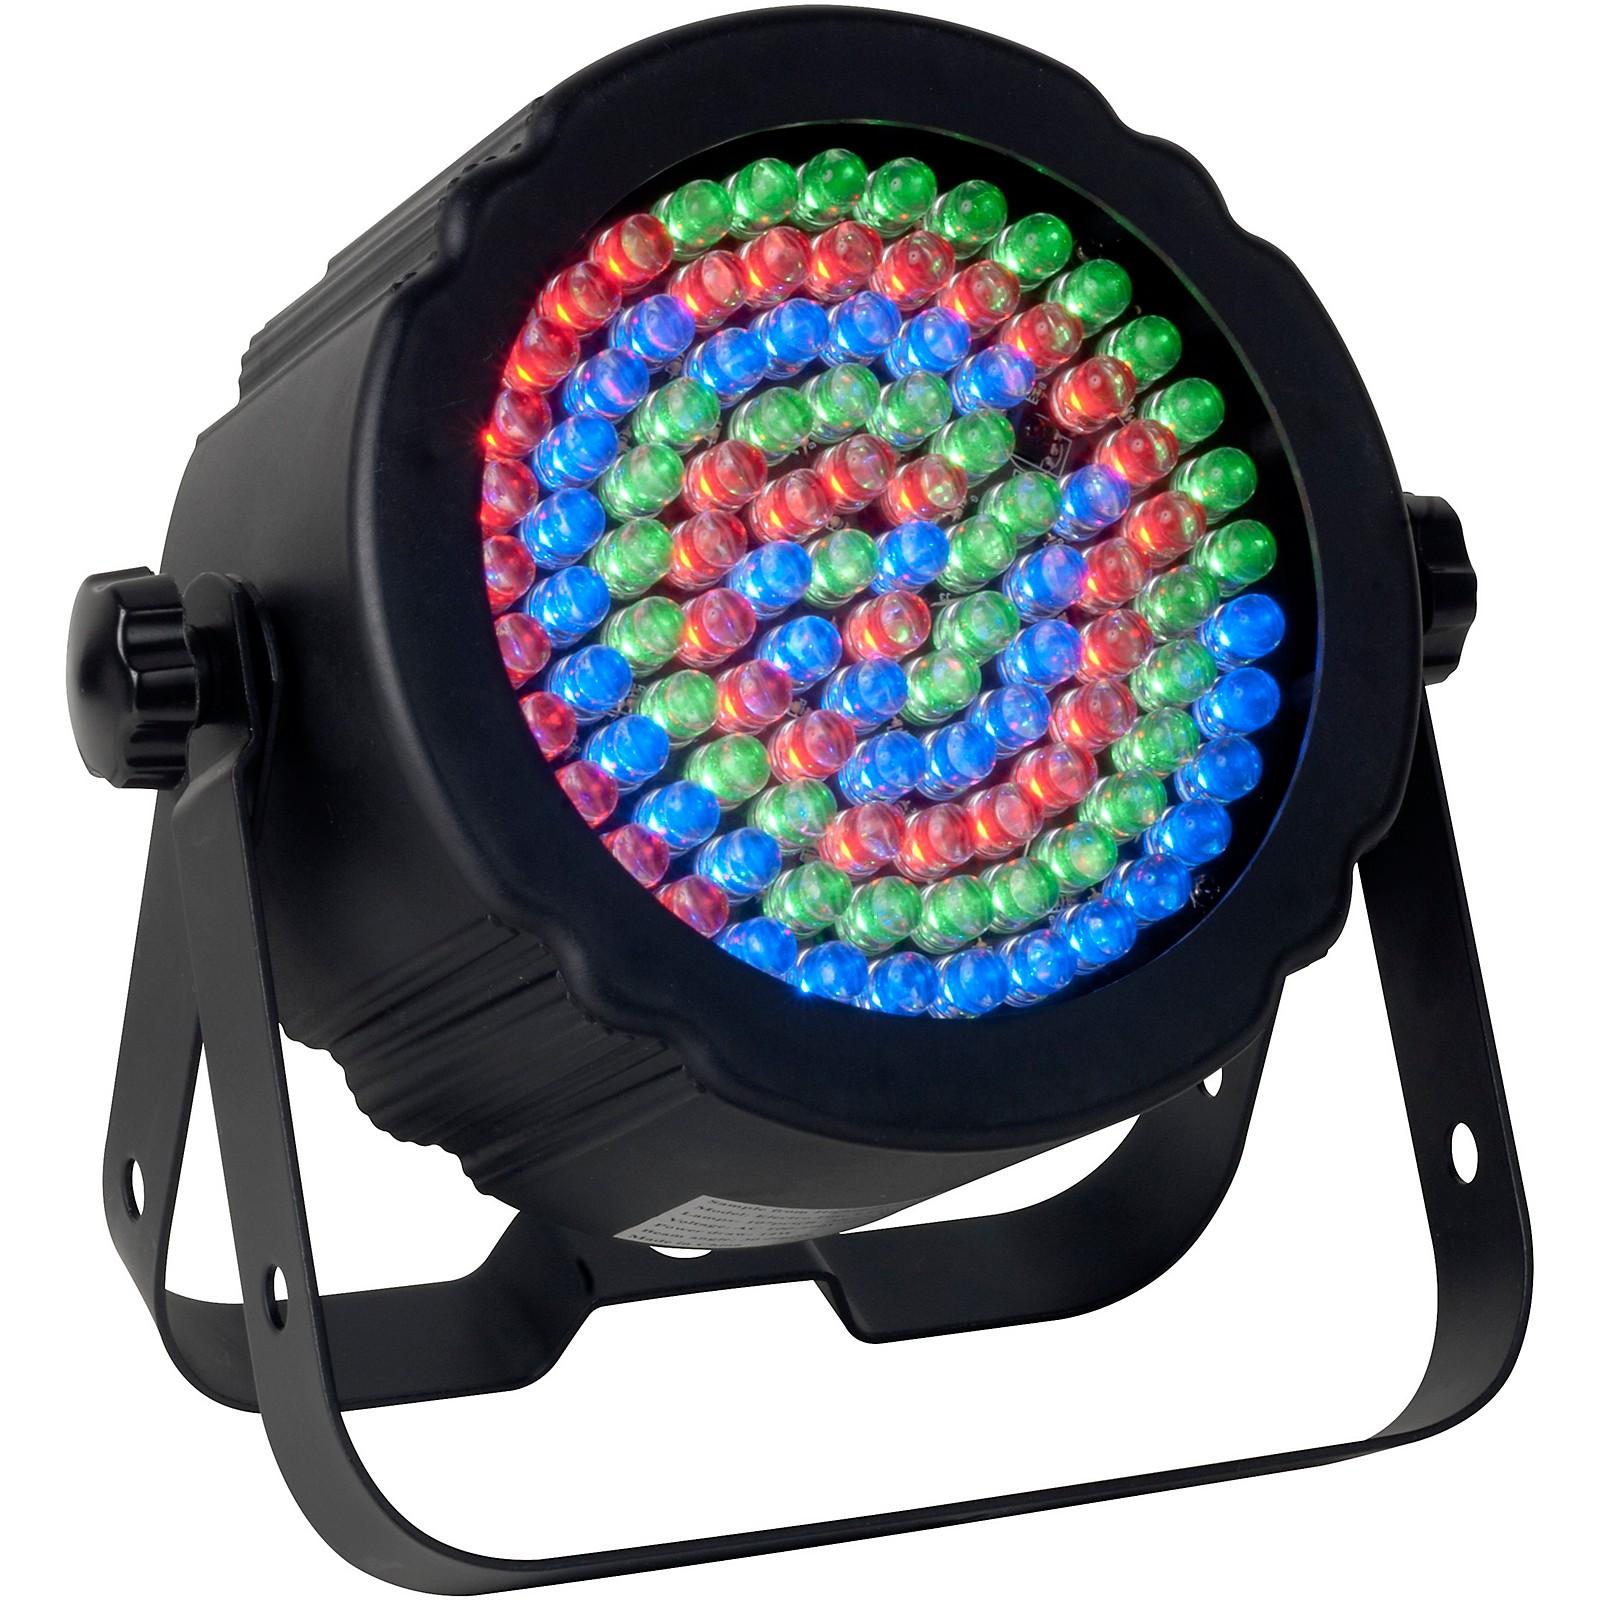 Eliminator Lighting Electro Disc LED RGB Wash Light